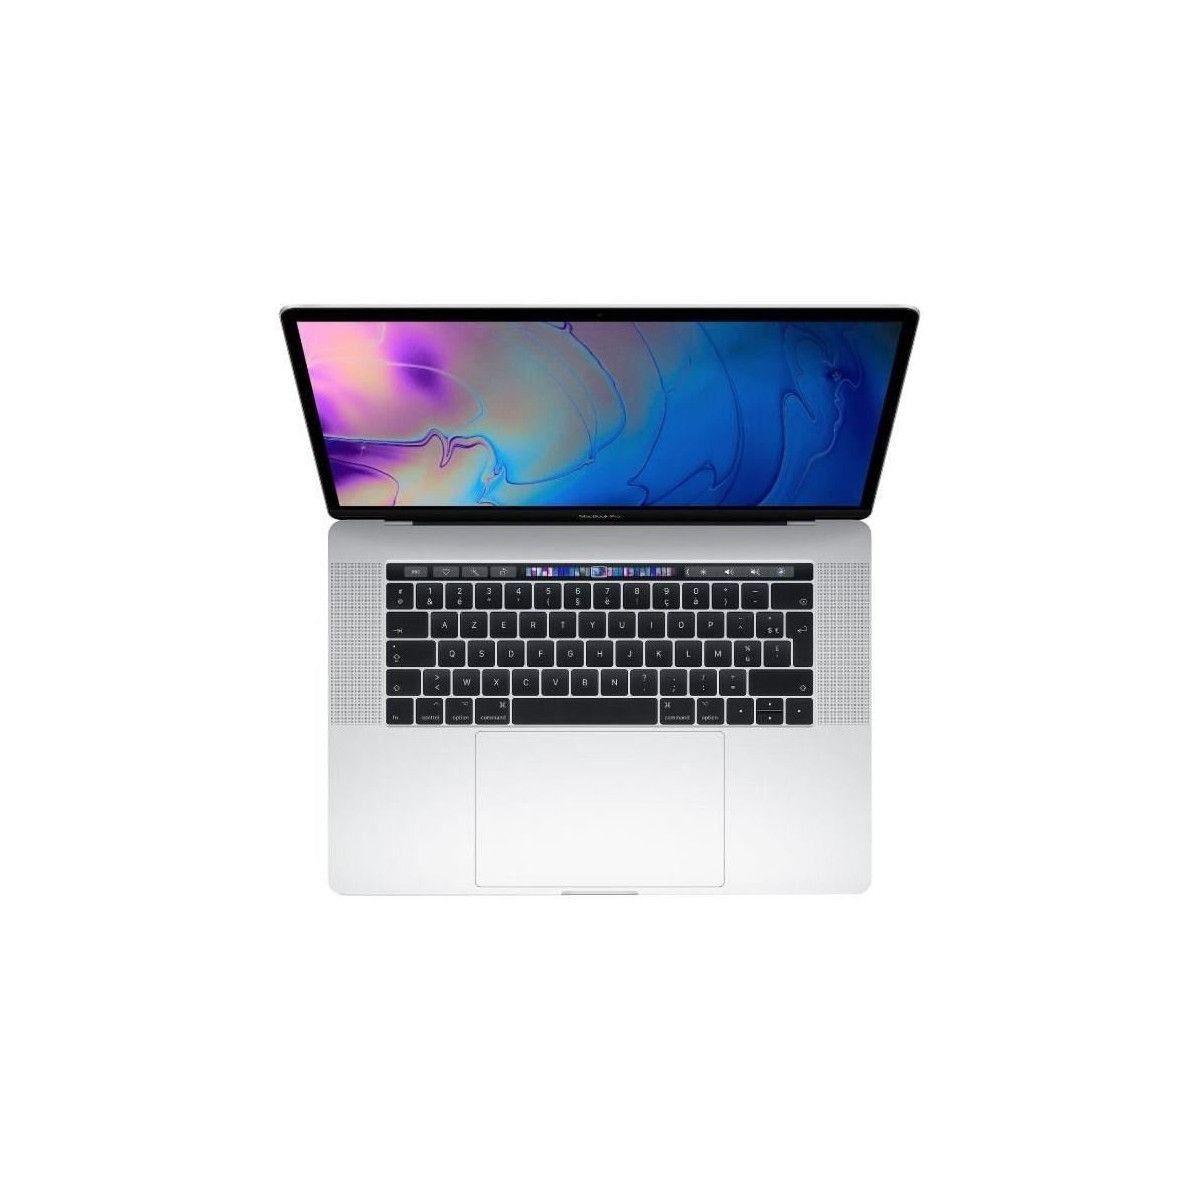 APPLE MacBook Pro MR972FN/A - 15,4 pouces Retina avec Touch Bar - Intel Core i7 - RAM 16Go - Stockage 512Go - Argent